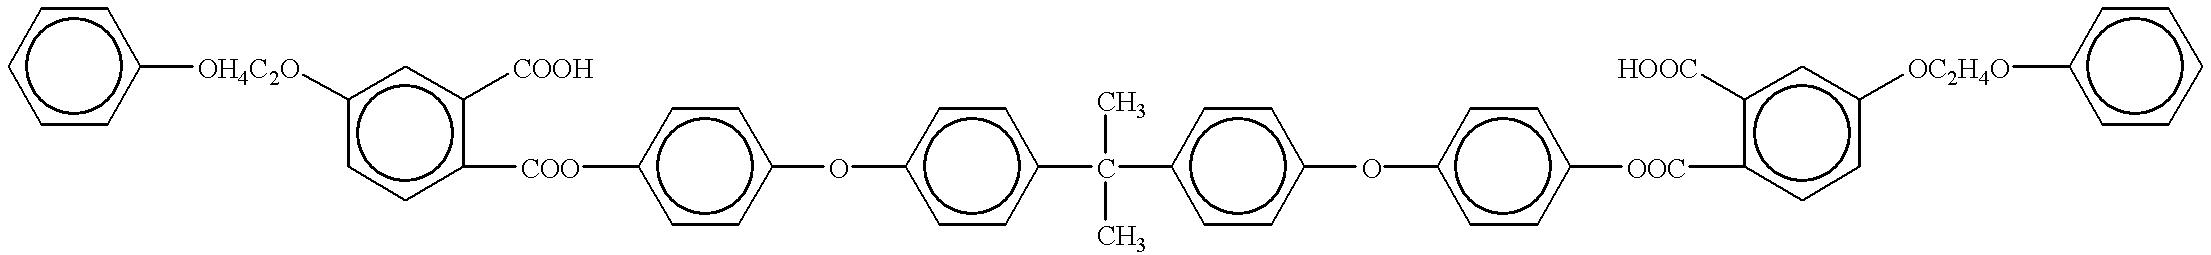 Figure US06180560-20010130-C00369